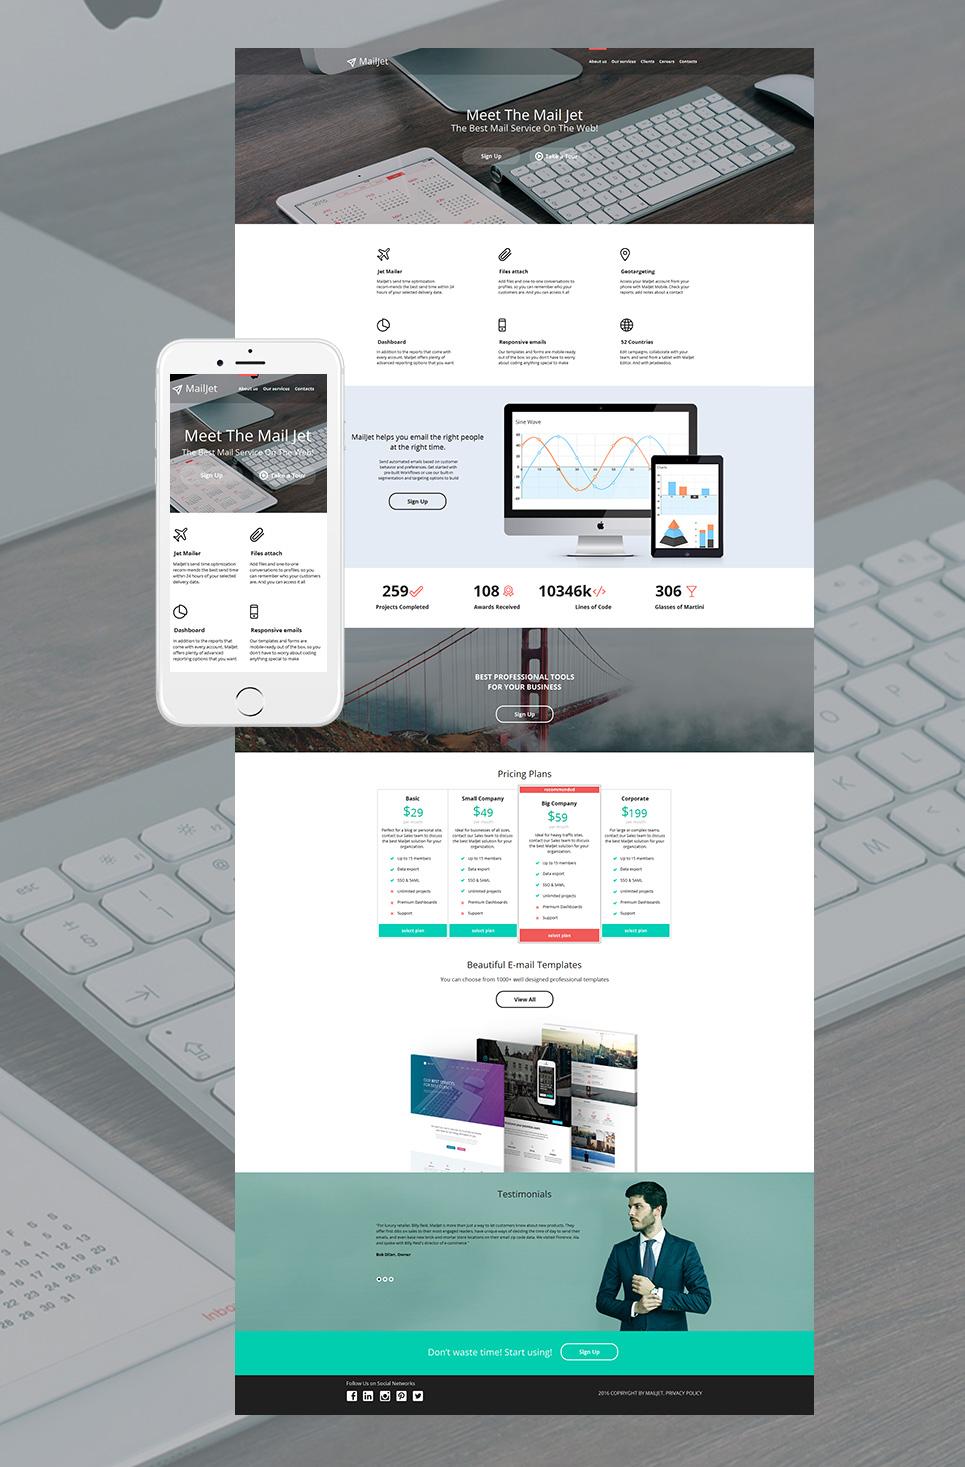 MotoCMS HTML Plantilla #58746 de categoría Internet - image